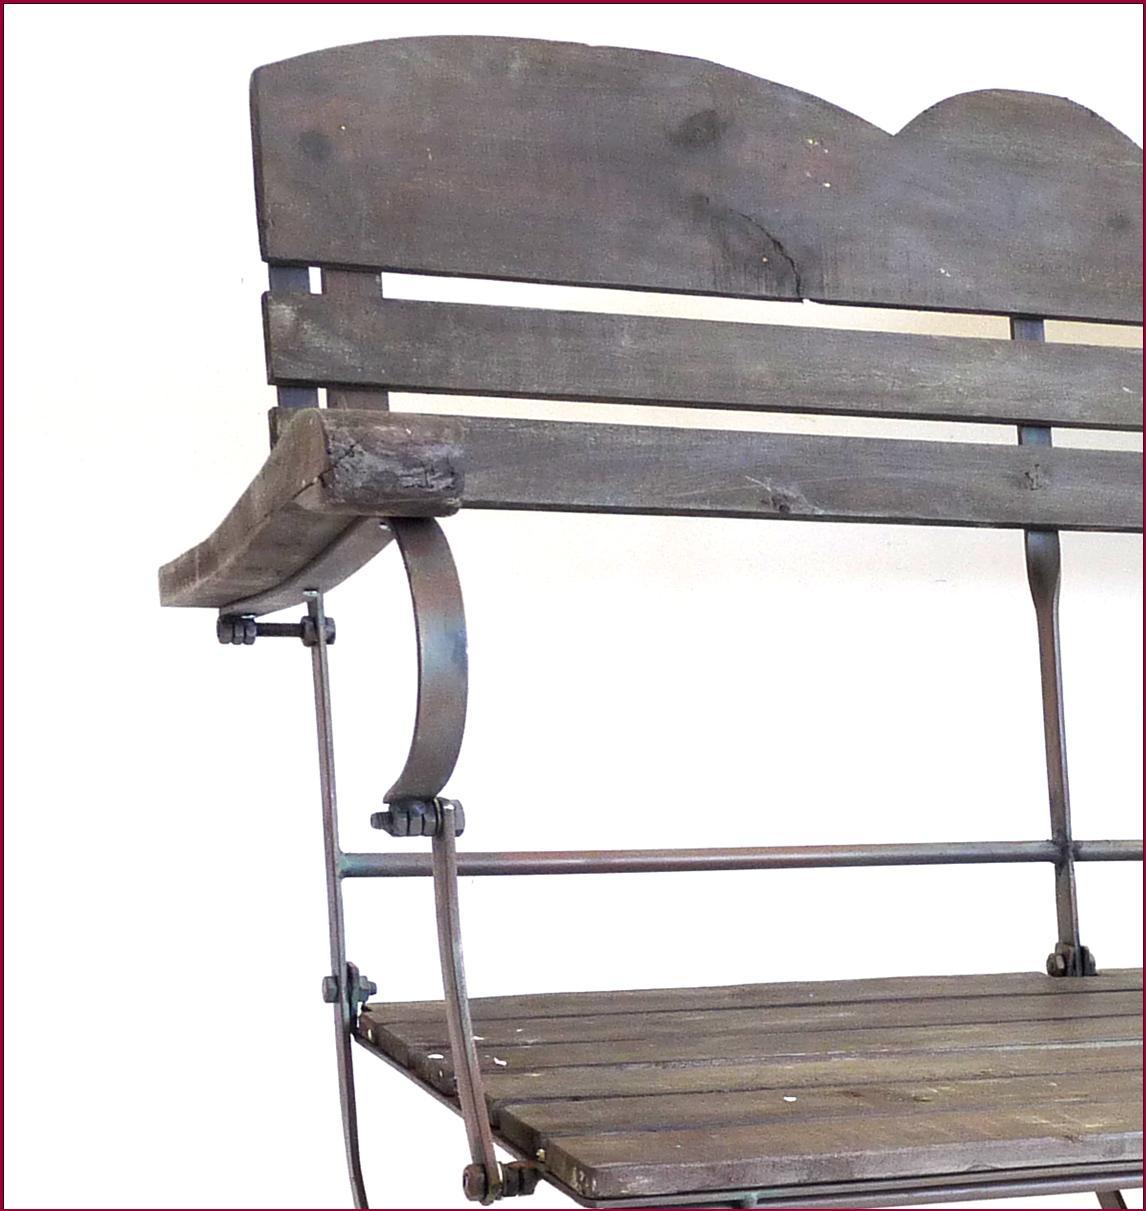 beau banc fauteuil en vieux bois et fer de jardin de style ancien antique 100cm. Black Bedroom Furniture Sets. Home Design Ideas